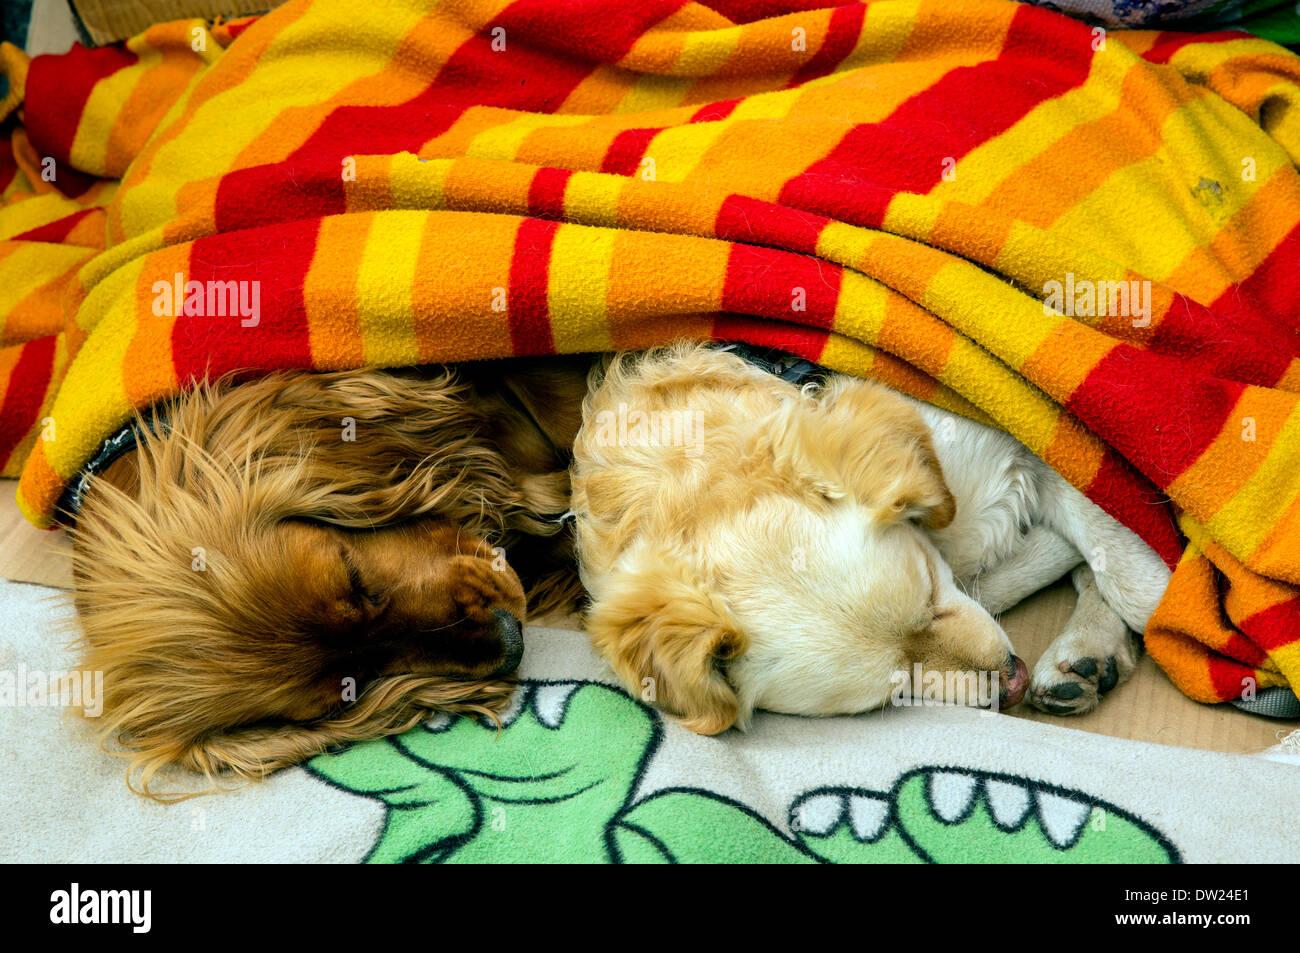 Deux chiens dormir sous une couverture. Photo Stock